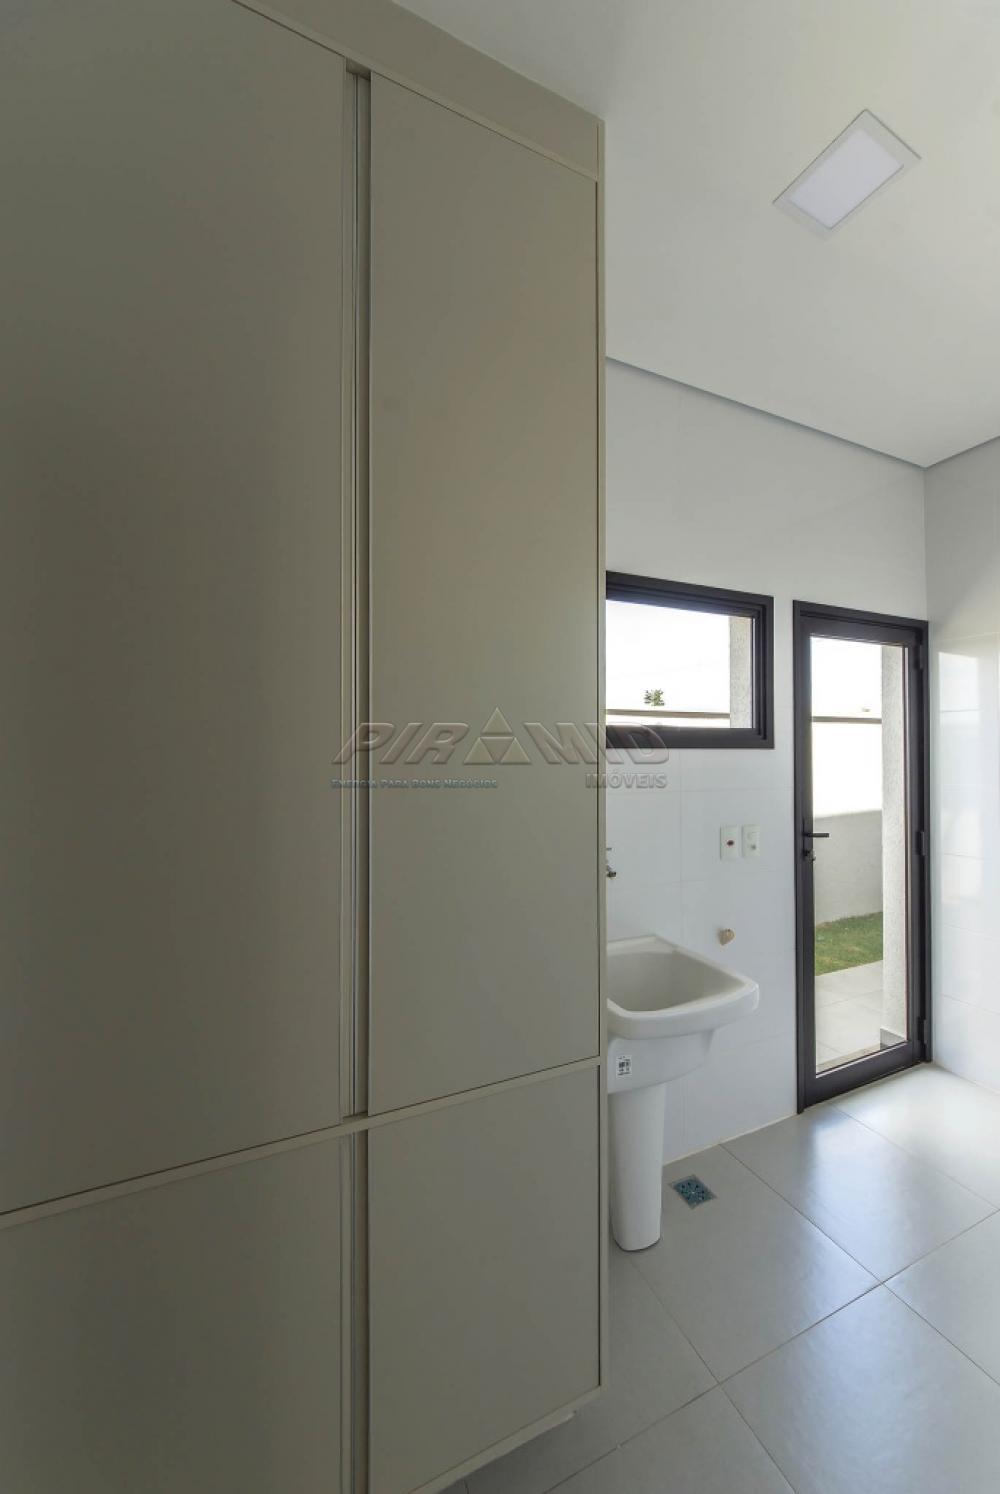 Comprar Casa / Condomínio em Ribeirão Preto apenas R$ 950.000,00 - Foto 8